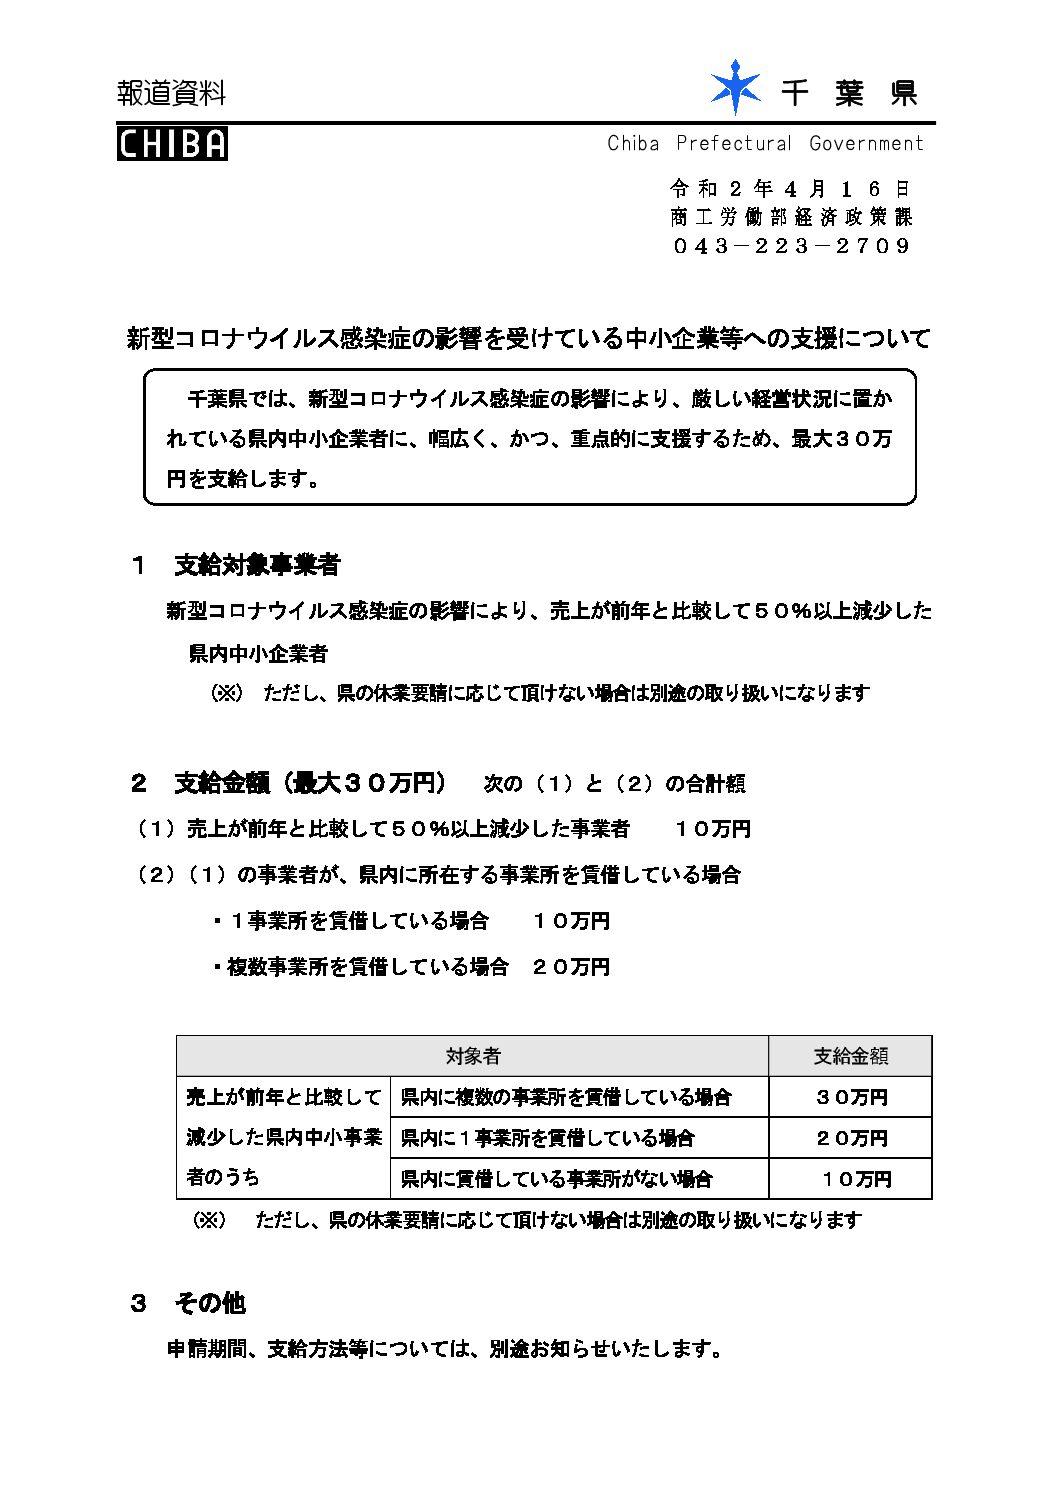 千葉県より 新型コロナウイルス感染症の影響を受けている中小企業等への支援について